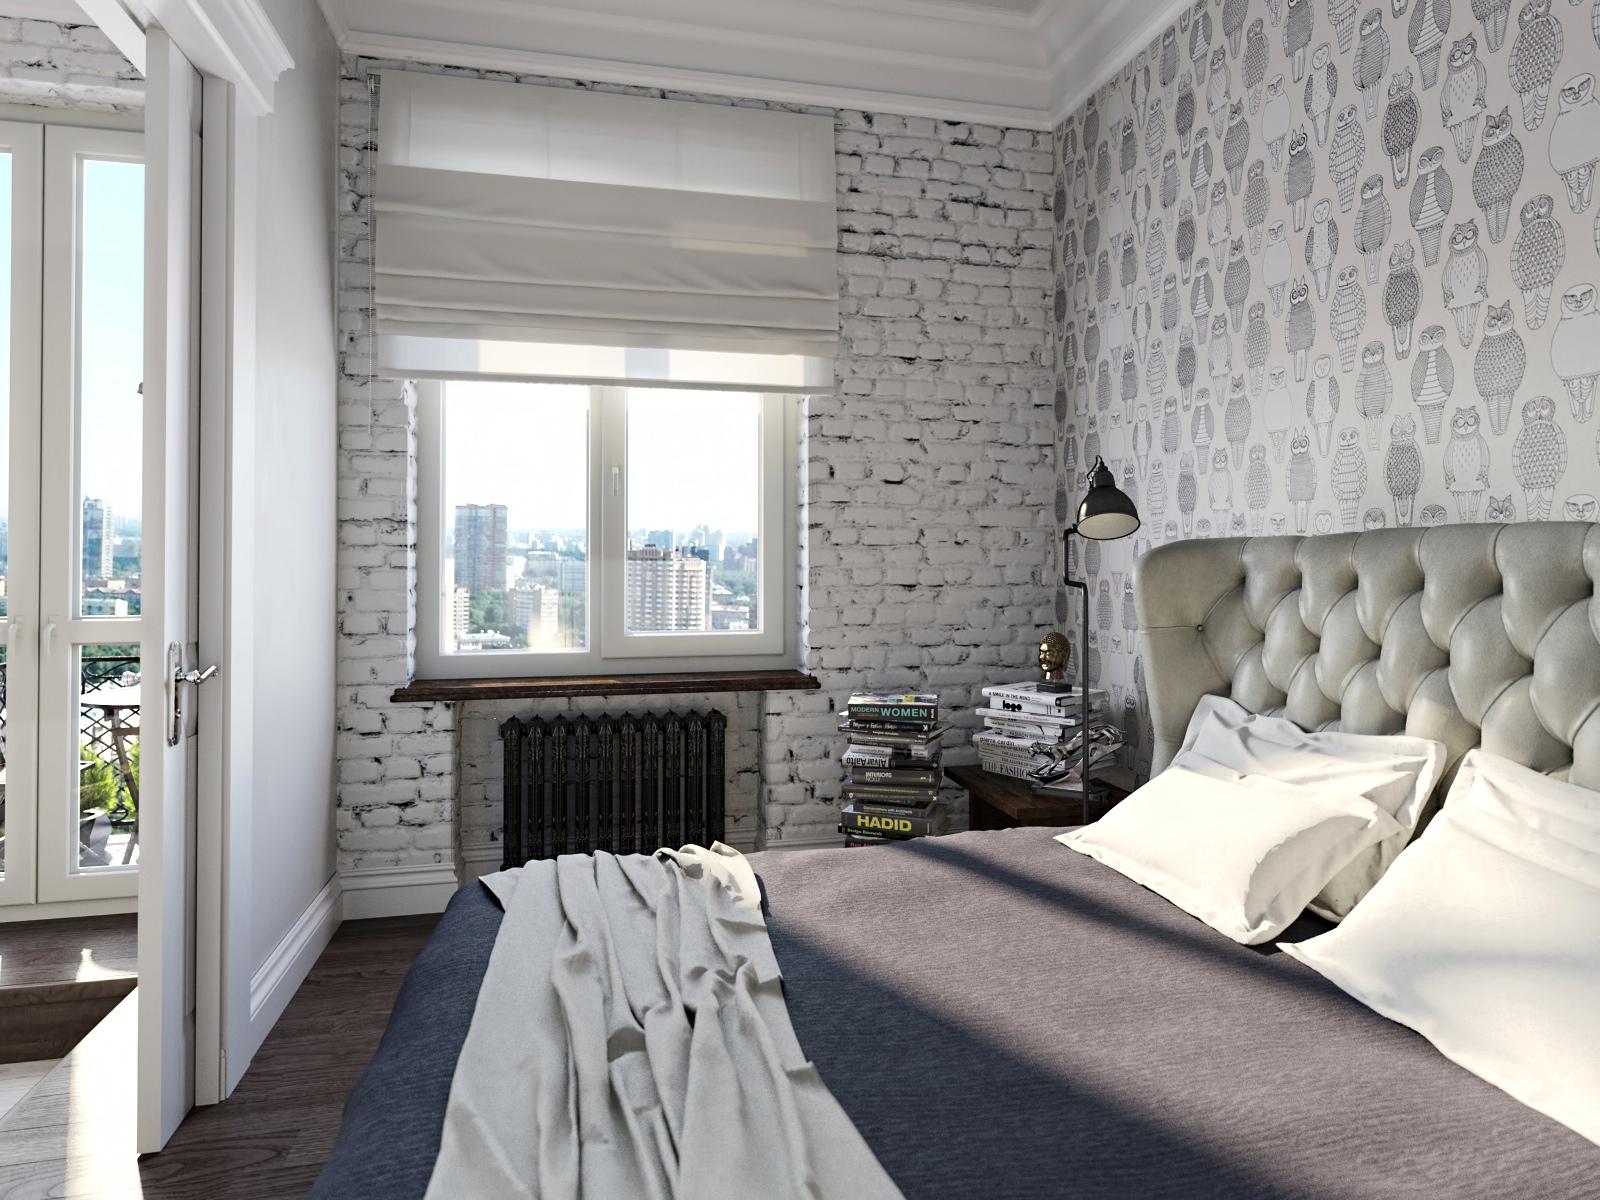 بالصور ورق جدران رمادي , اشيك ورق حائط باللون الرمادي الجميل